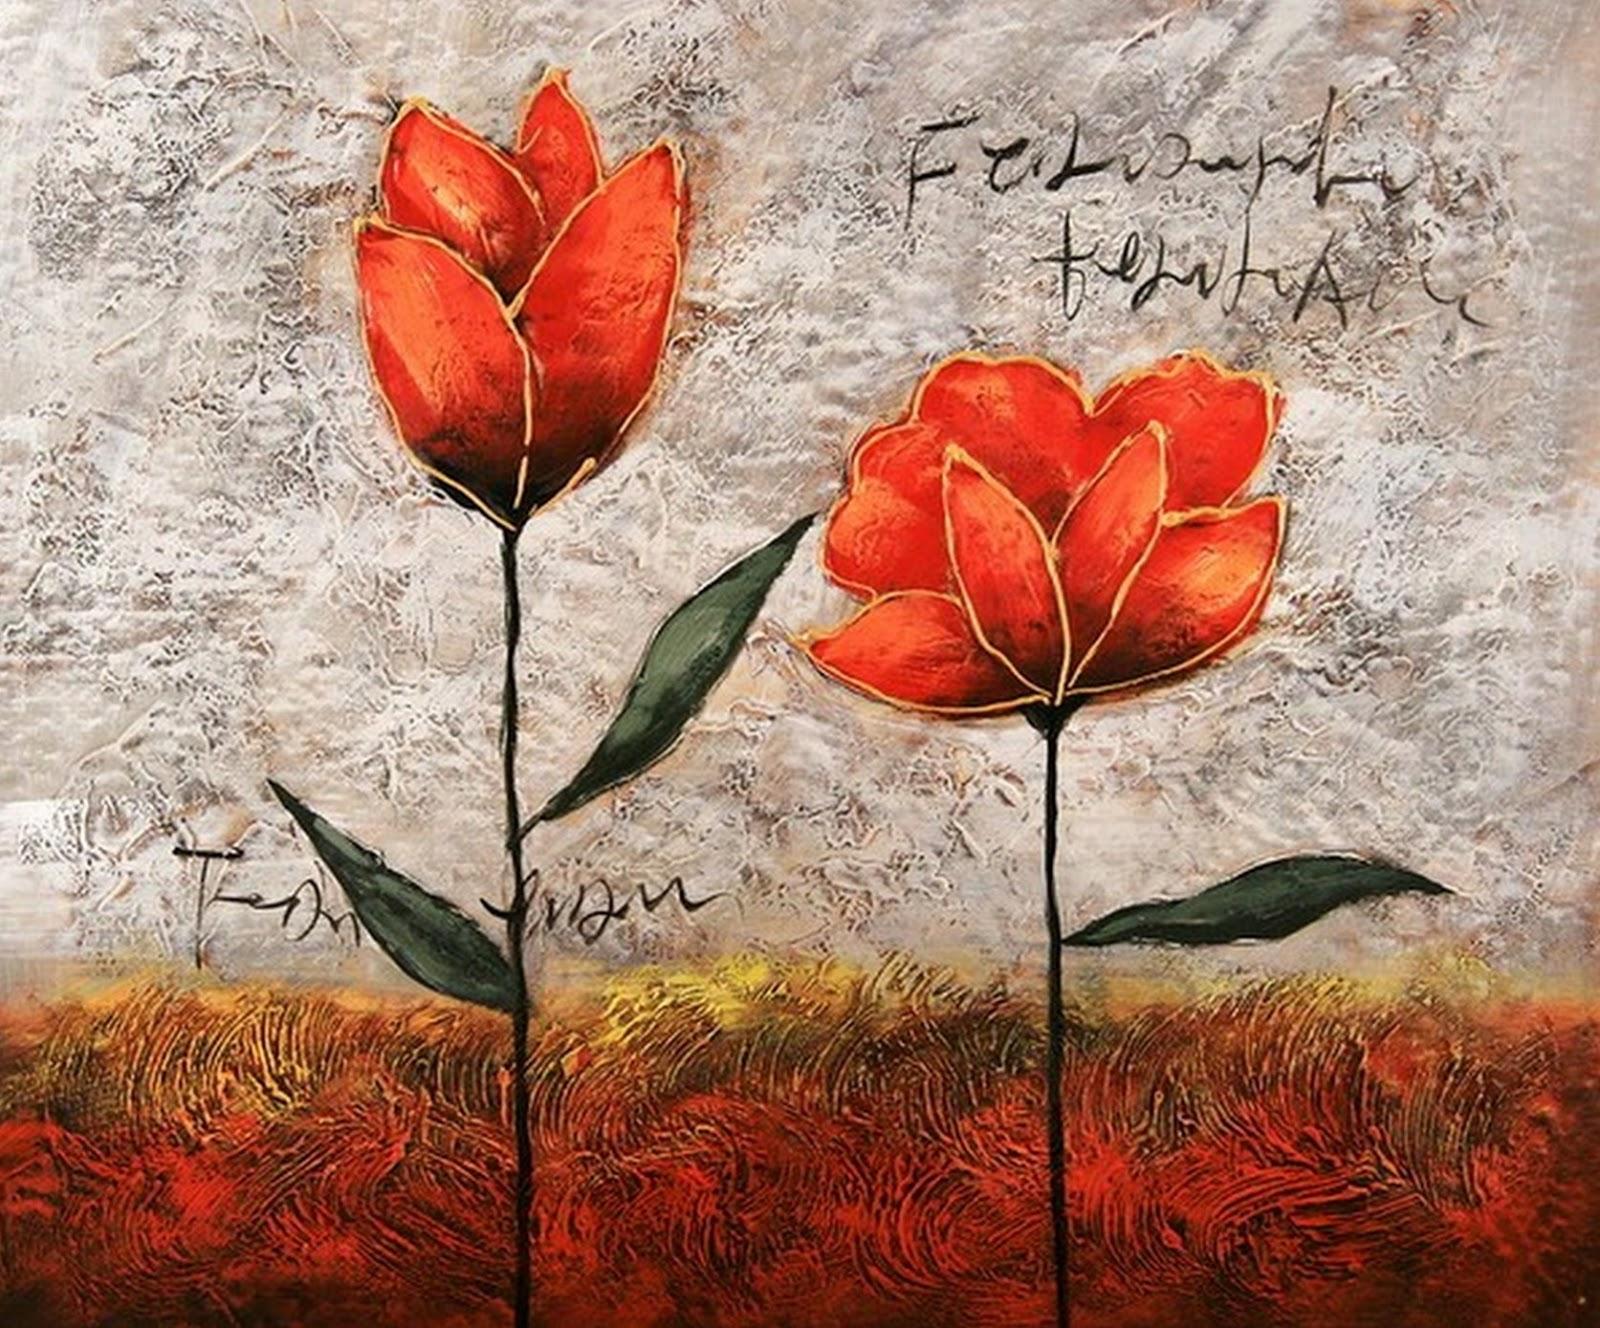 40 Imágenes Abstractas Para Descargar E Imprimir: Cuadros Modernos Pinturas Y Dibujos : Flores, Pinturas Al